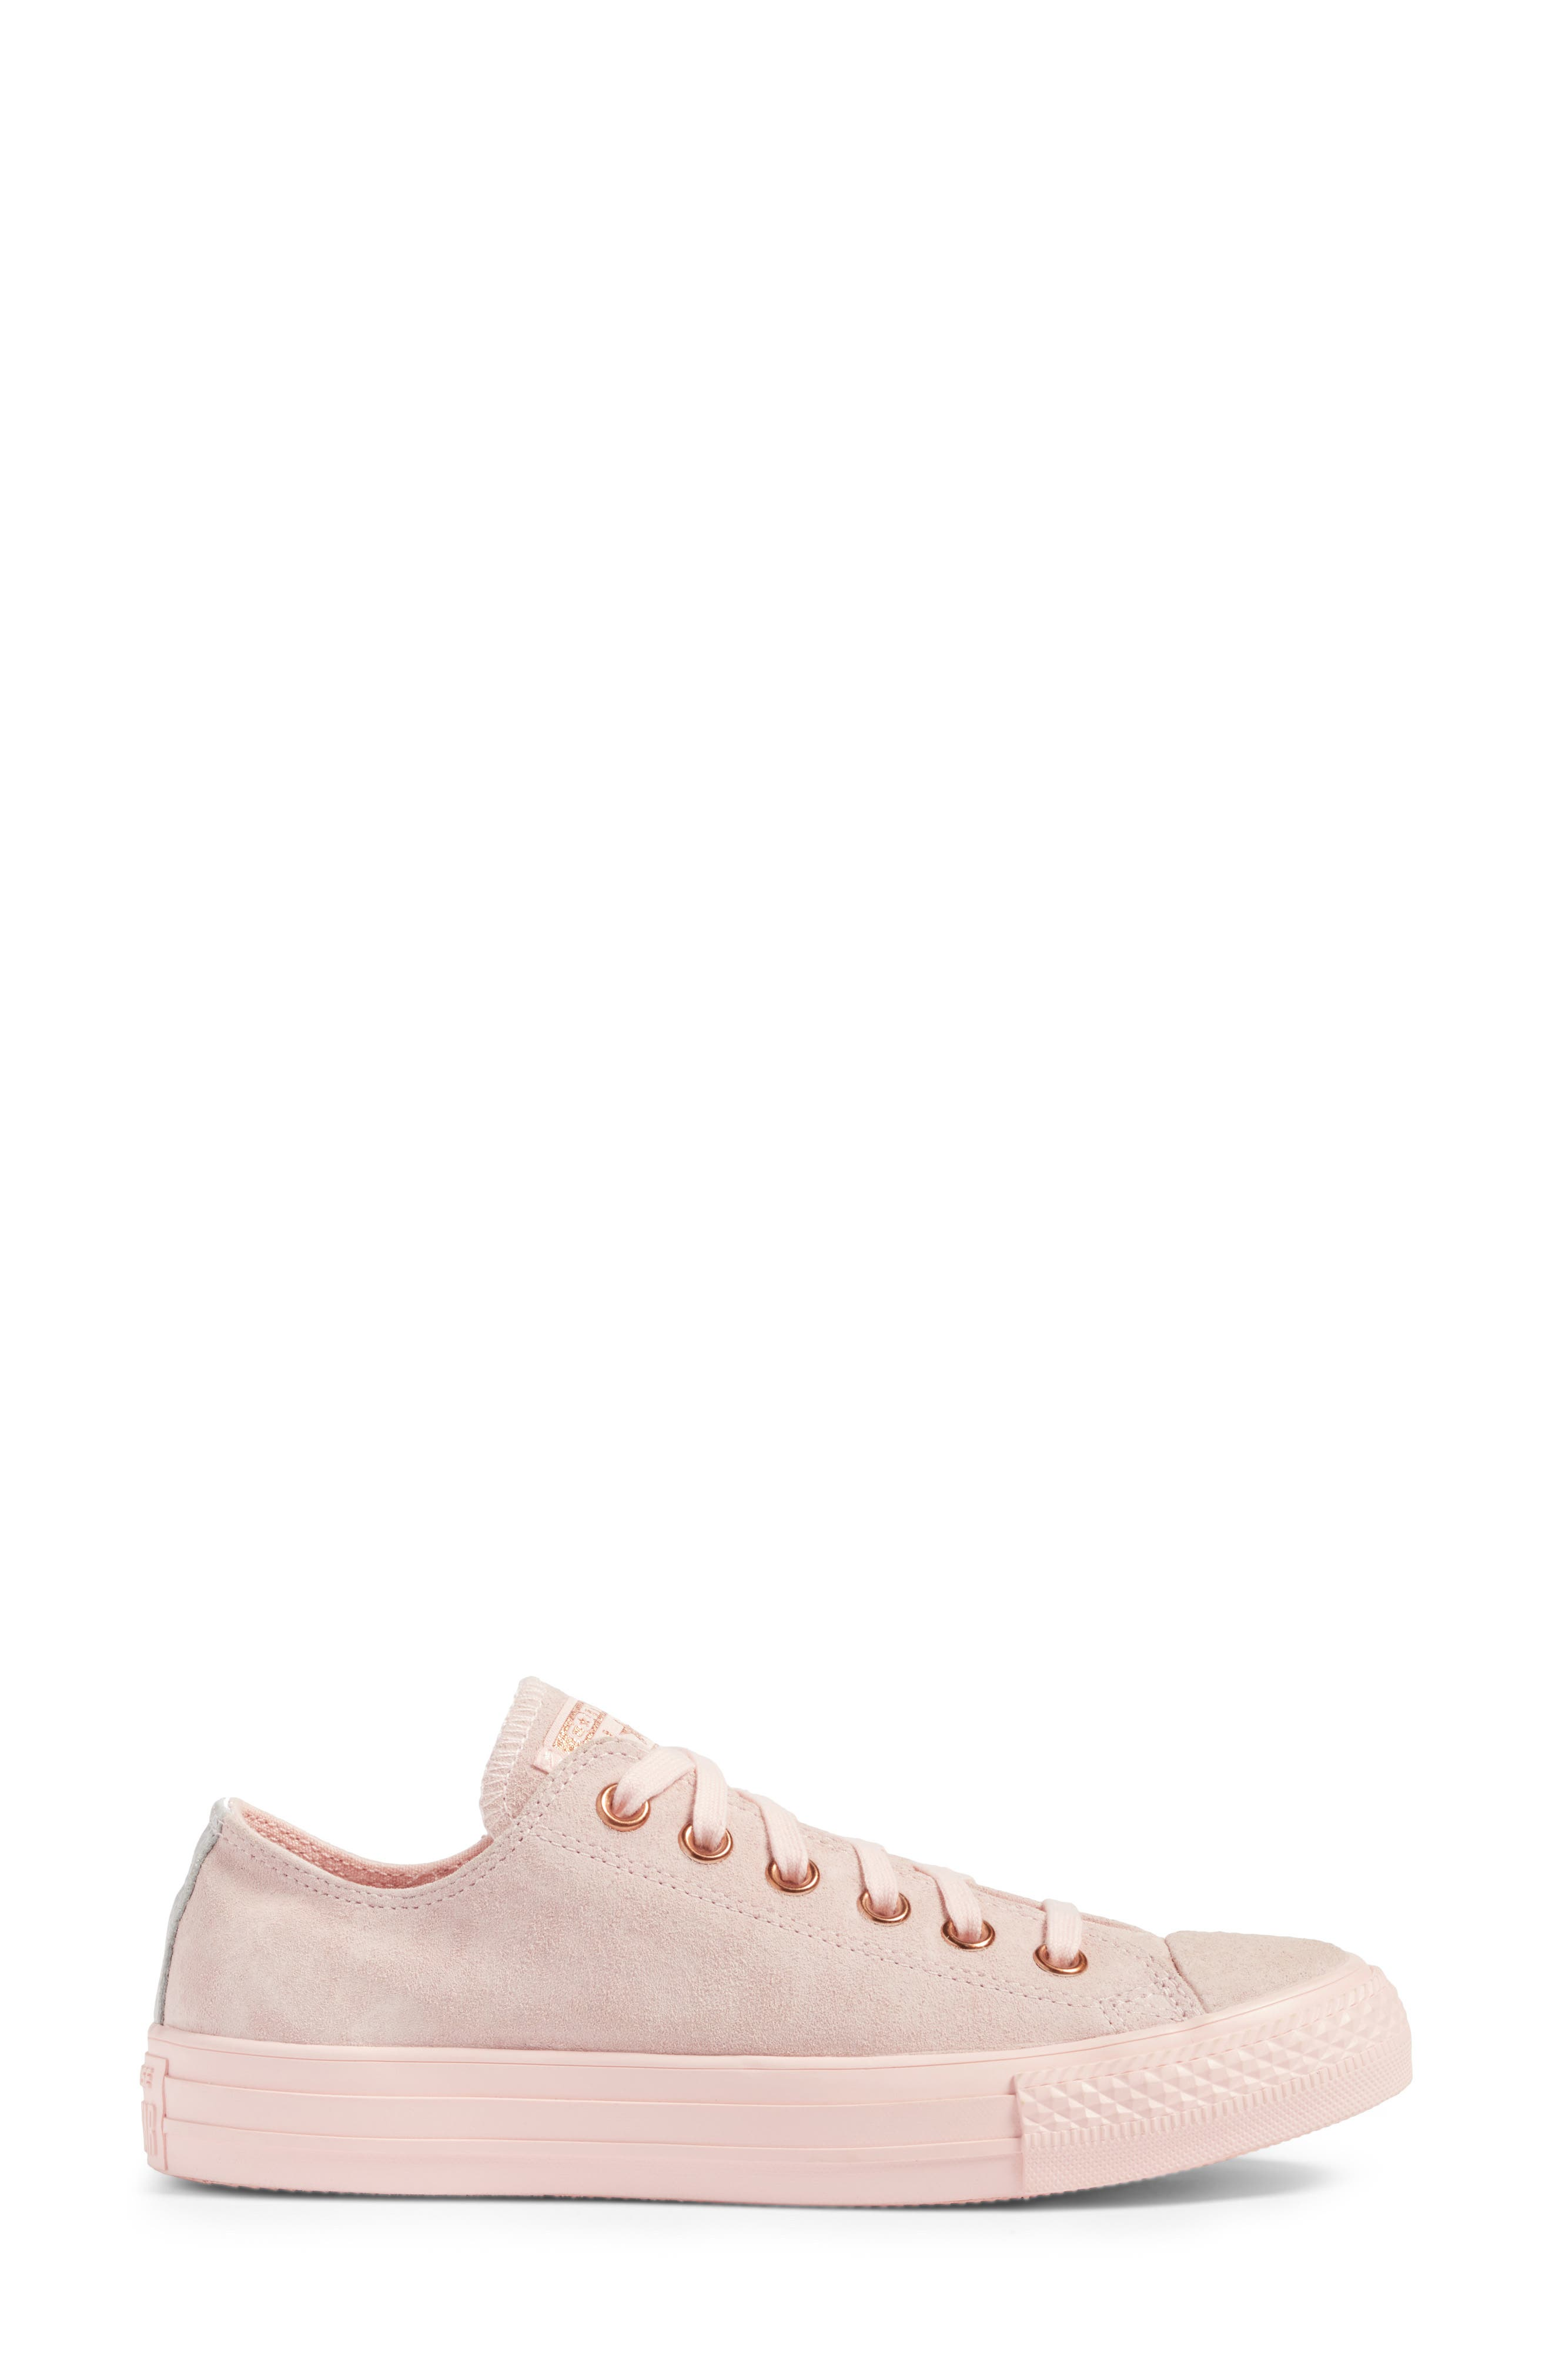 Blossom Sneaker,                             Alternate thumbnail 4, color,                             Vapor Pink